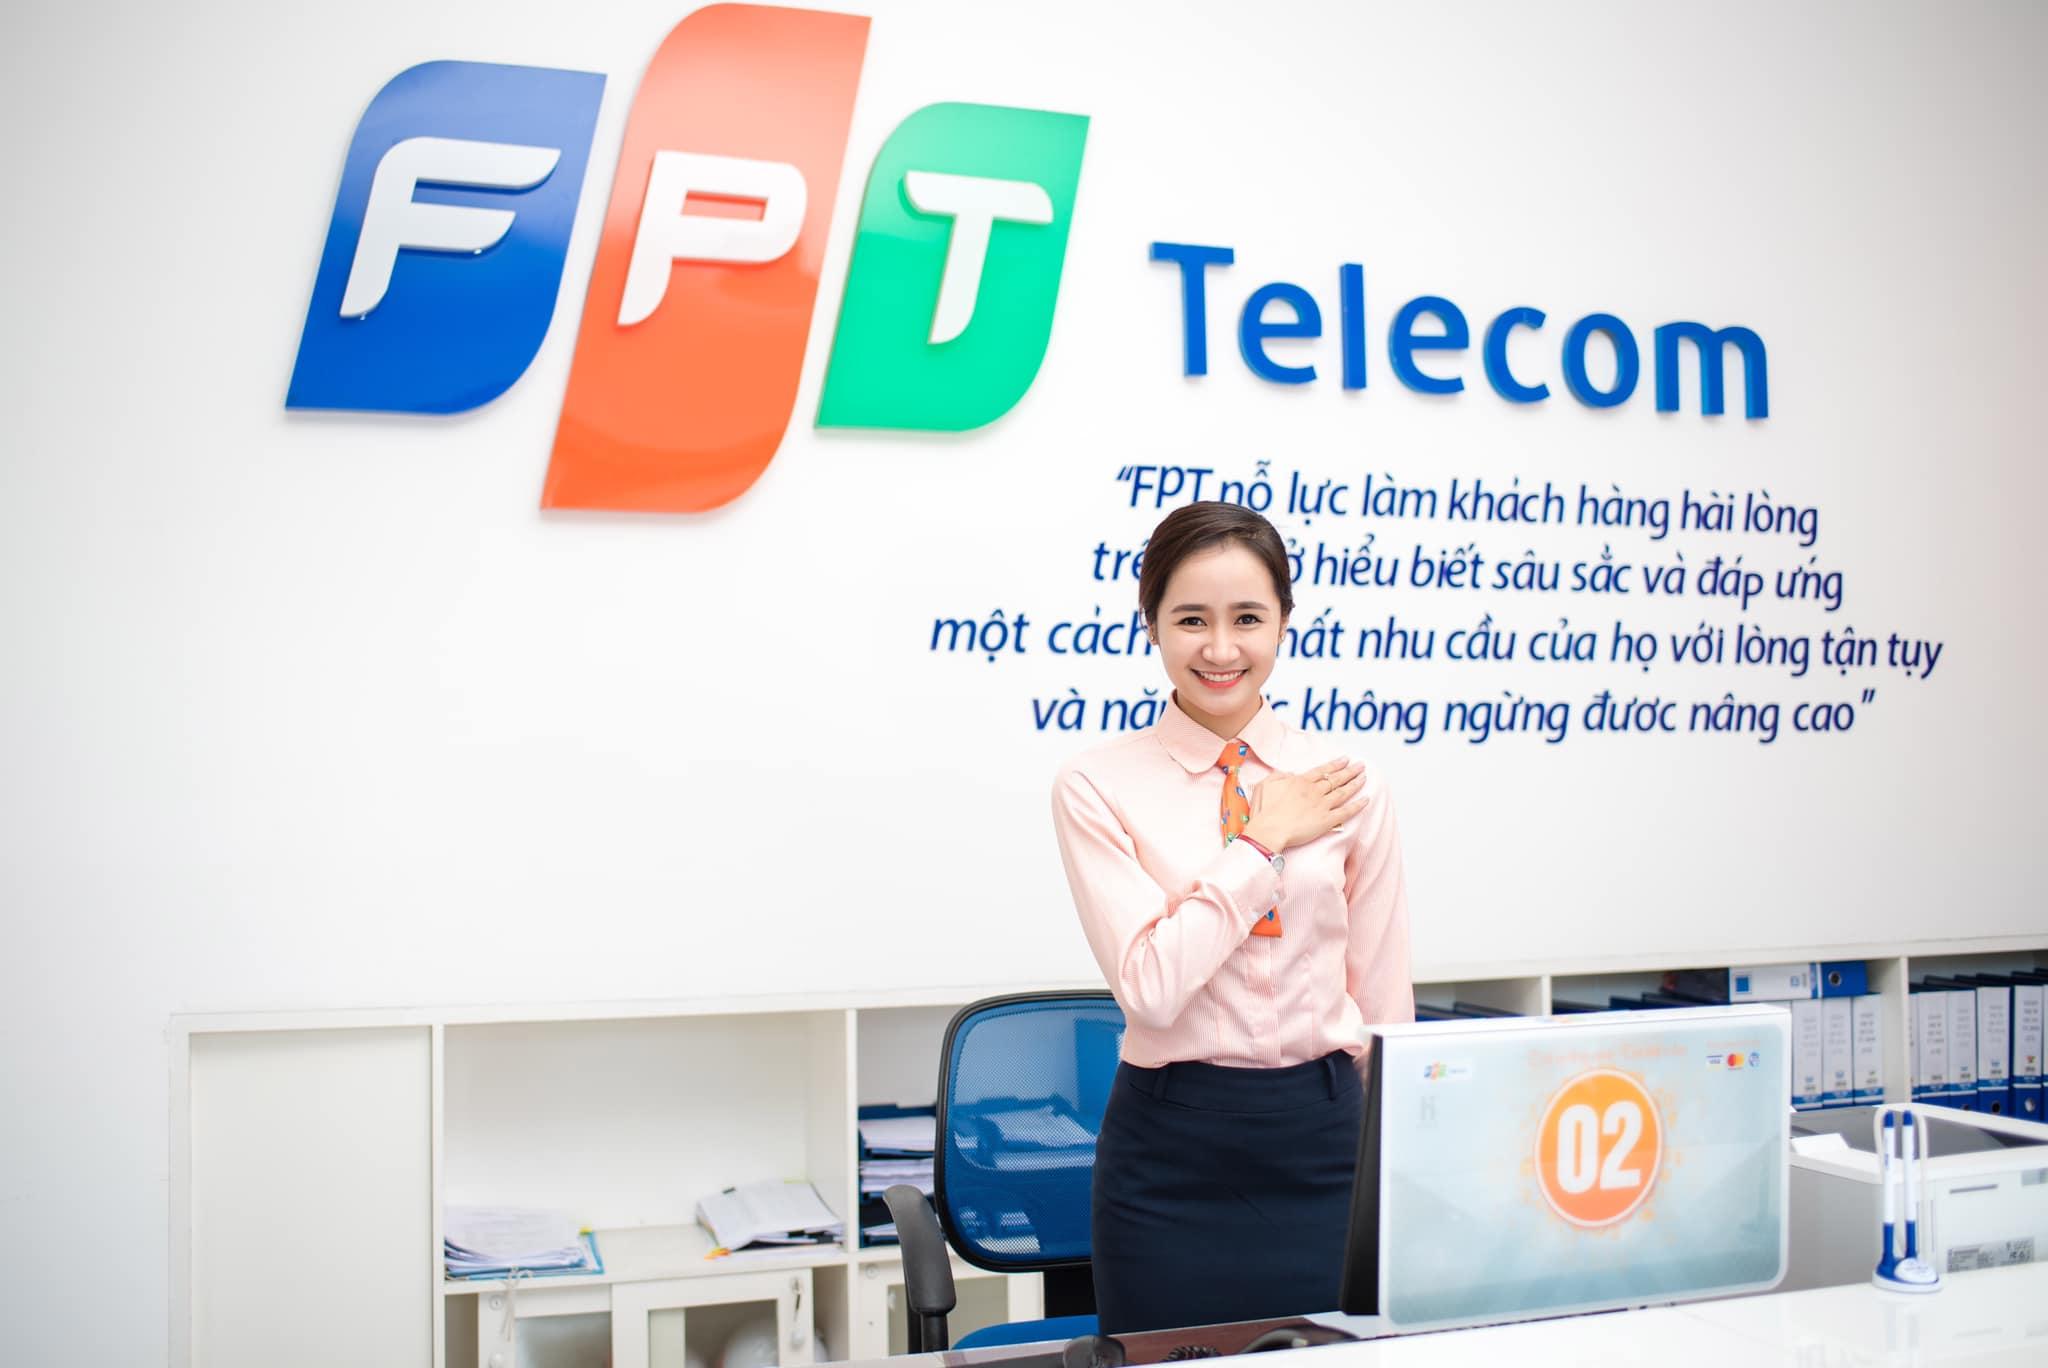 Hướng dẫn cách gia hạn mạng FPT đơn giản nhất